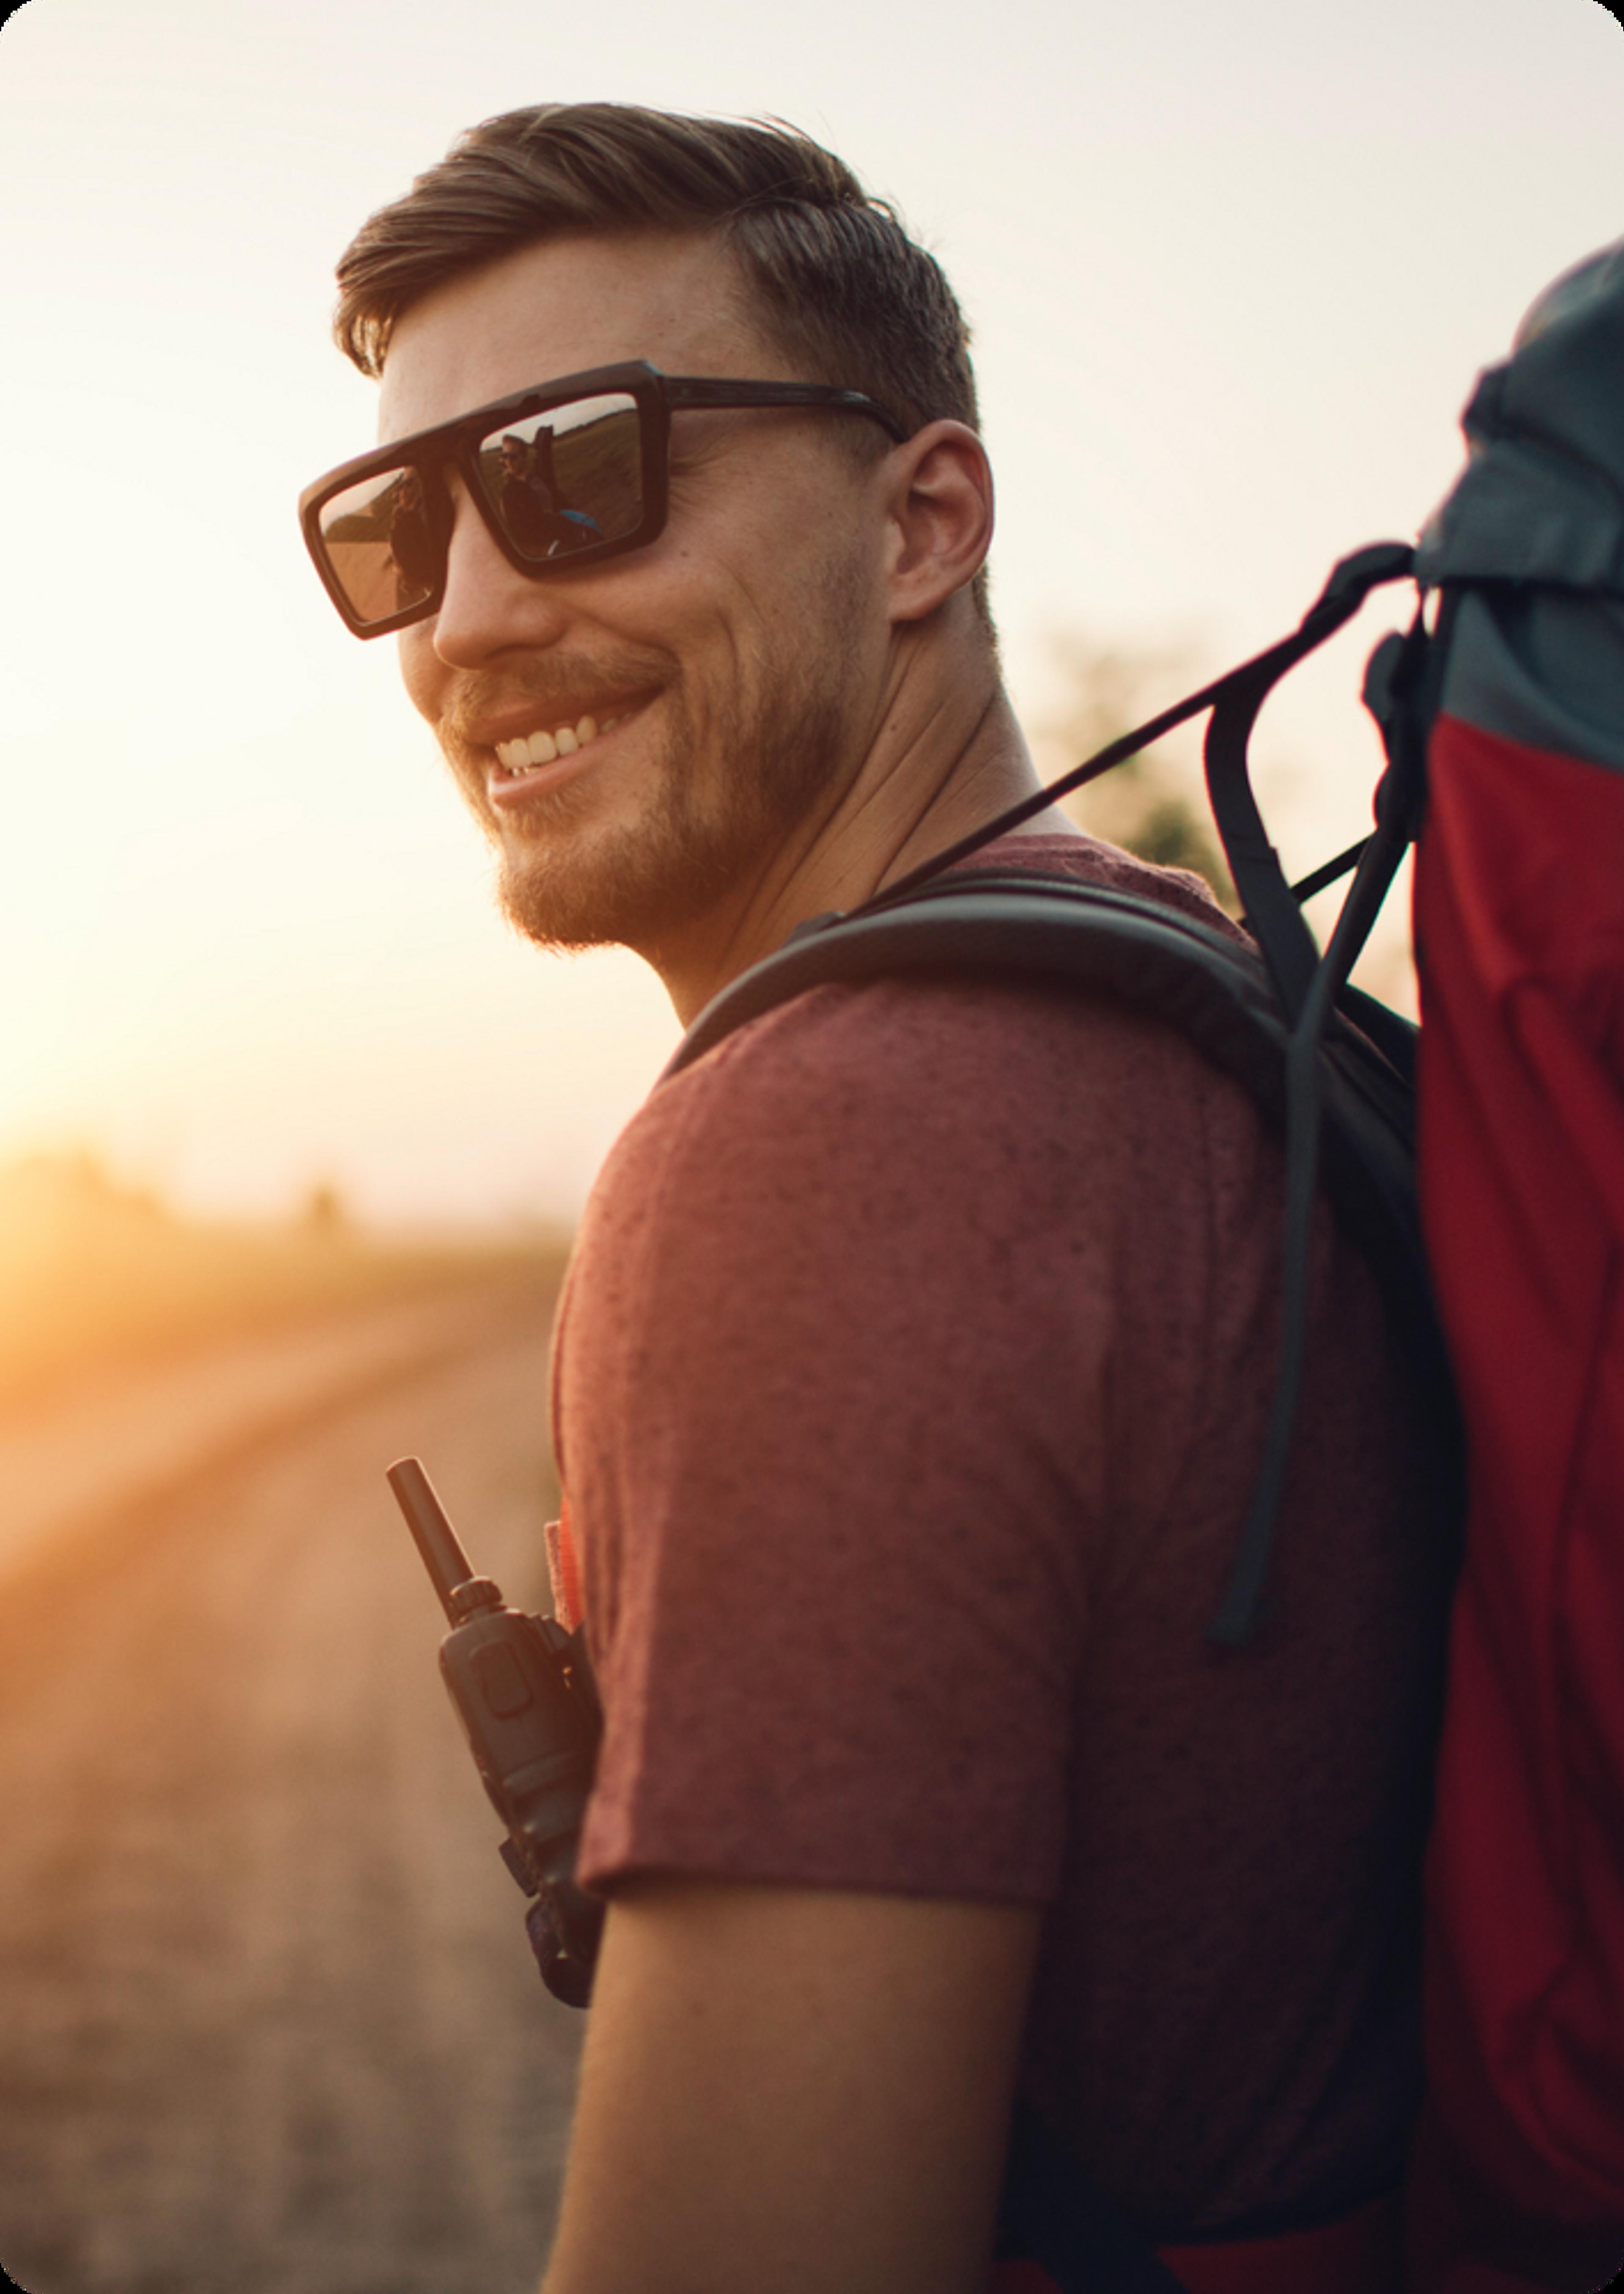 montrant un homme avec des lunettes de soleil et portant un sac à dos